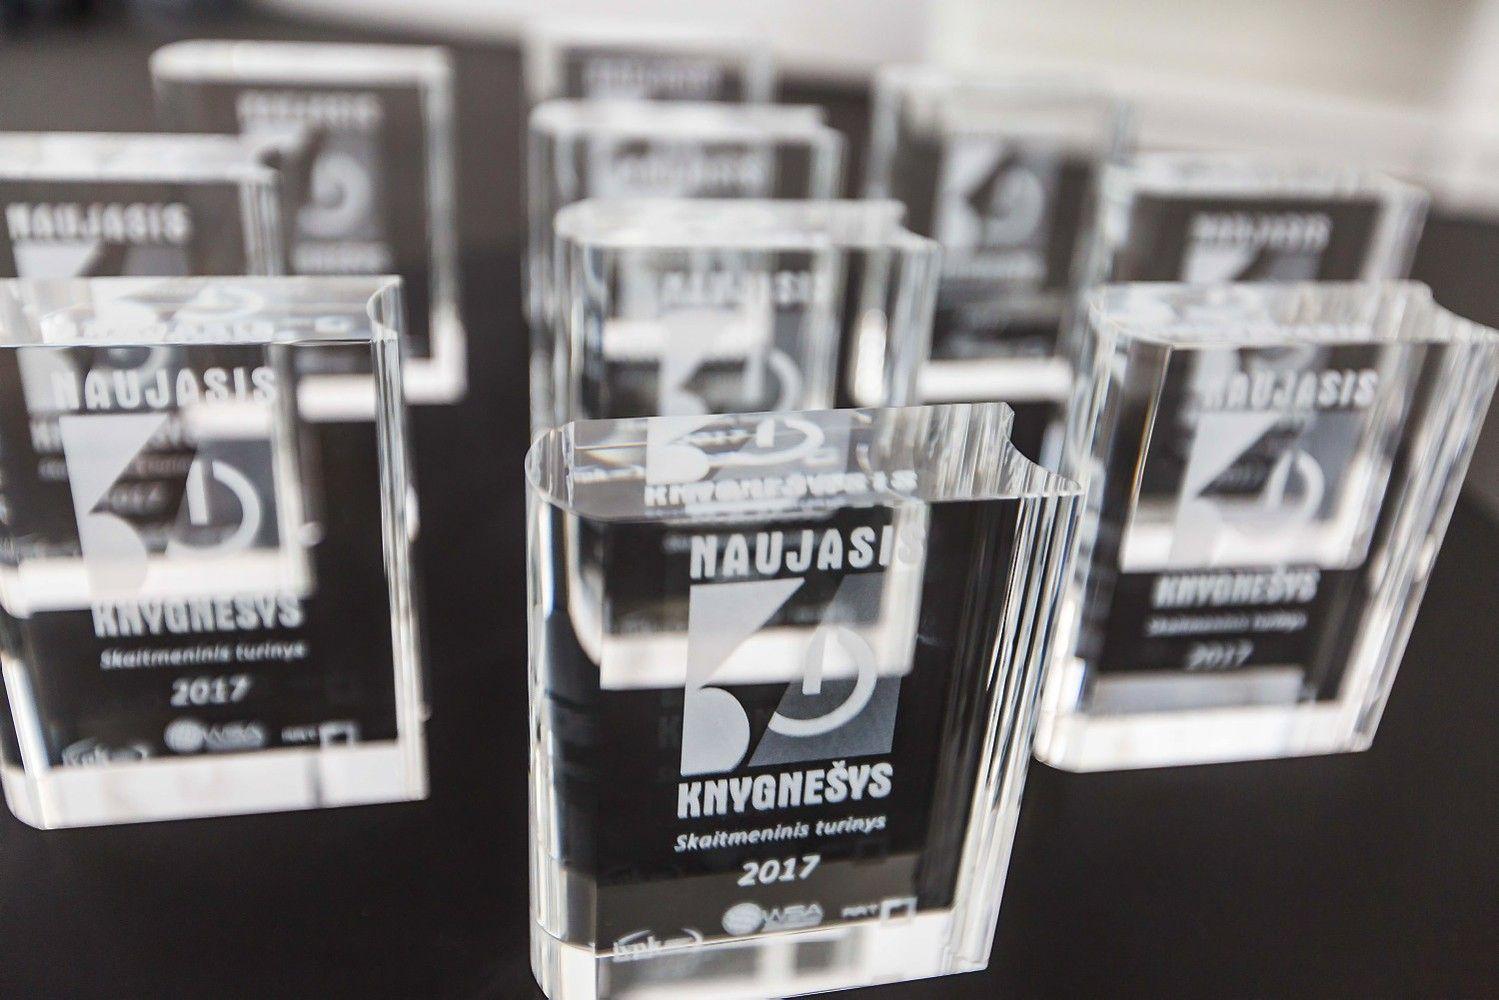 Lietuvos naujieji knygnešiai prisistatys Pasaulio viršūnių apdovanojimuose